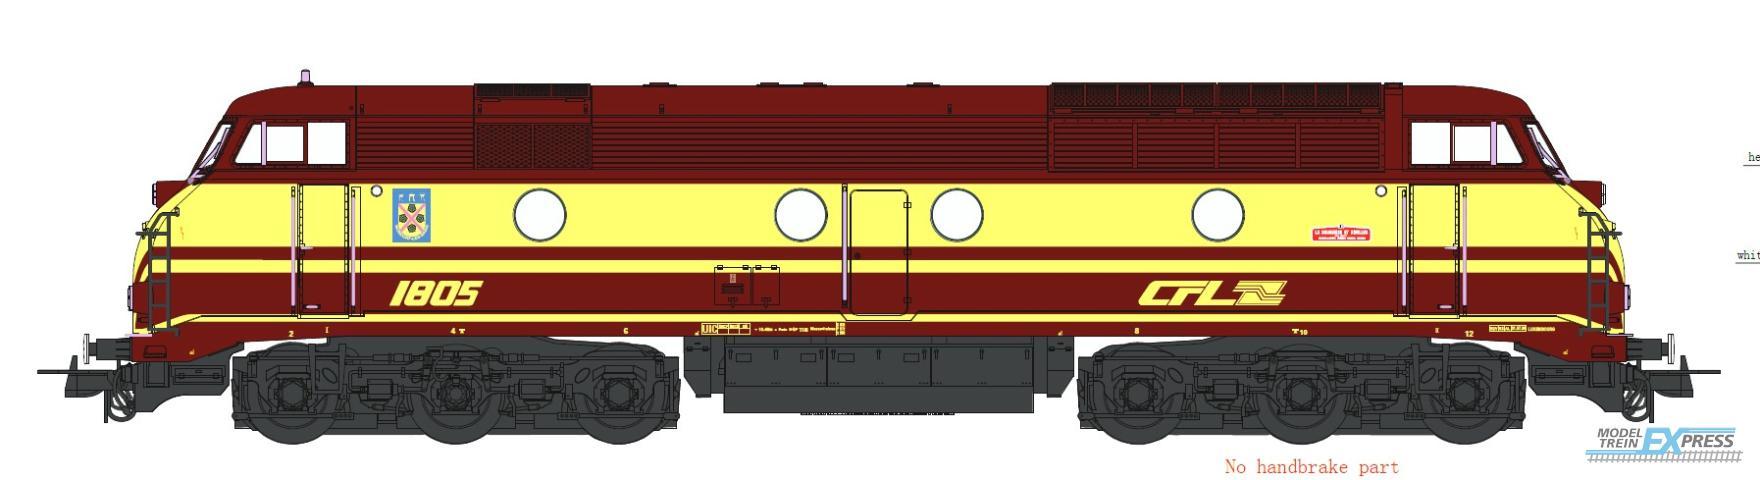 B-Models 20.206